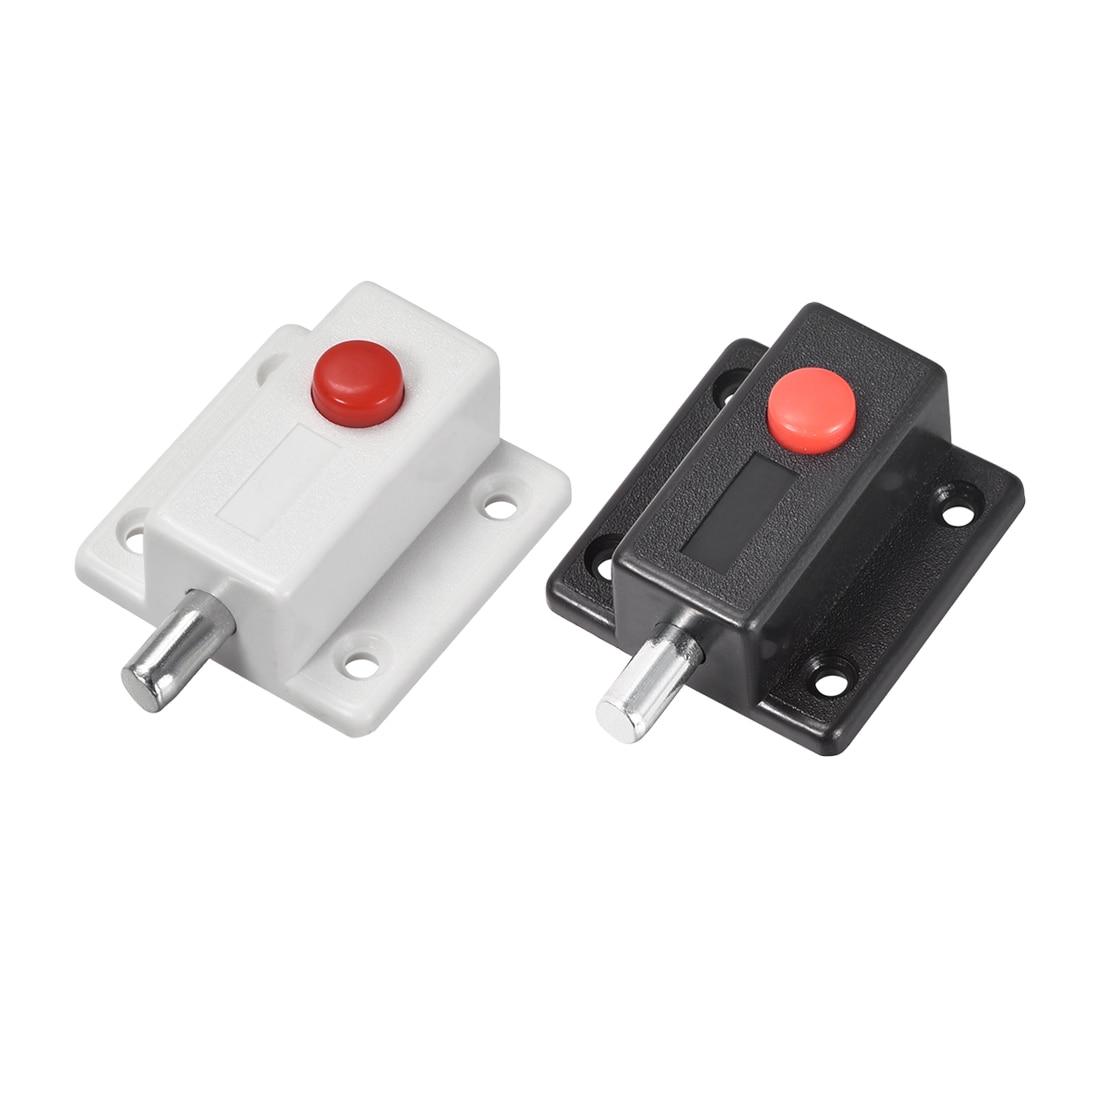 Uxcell Uxcell, alta calidad, 1-8 Uds., cerradura de perno de puerta, pestillo de barril de descarga deslizante de plástico de 2 pulgadas con botón de interruptor (Blanco/negro)